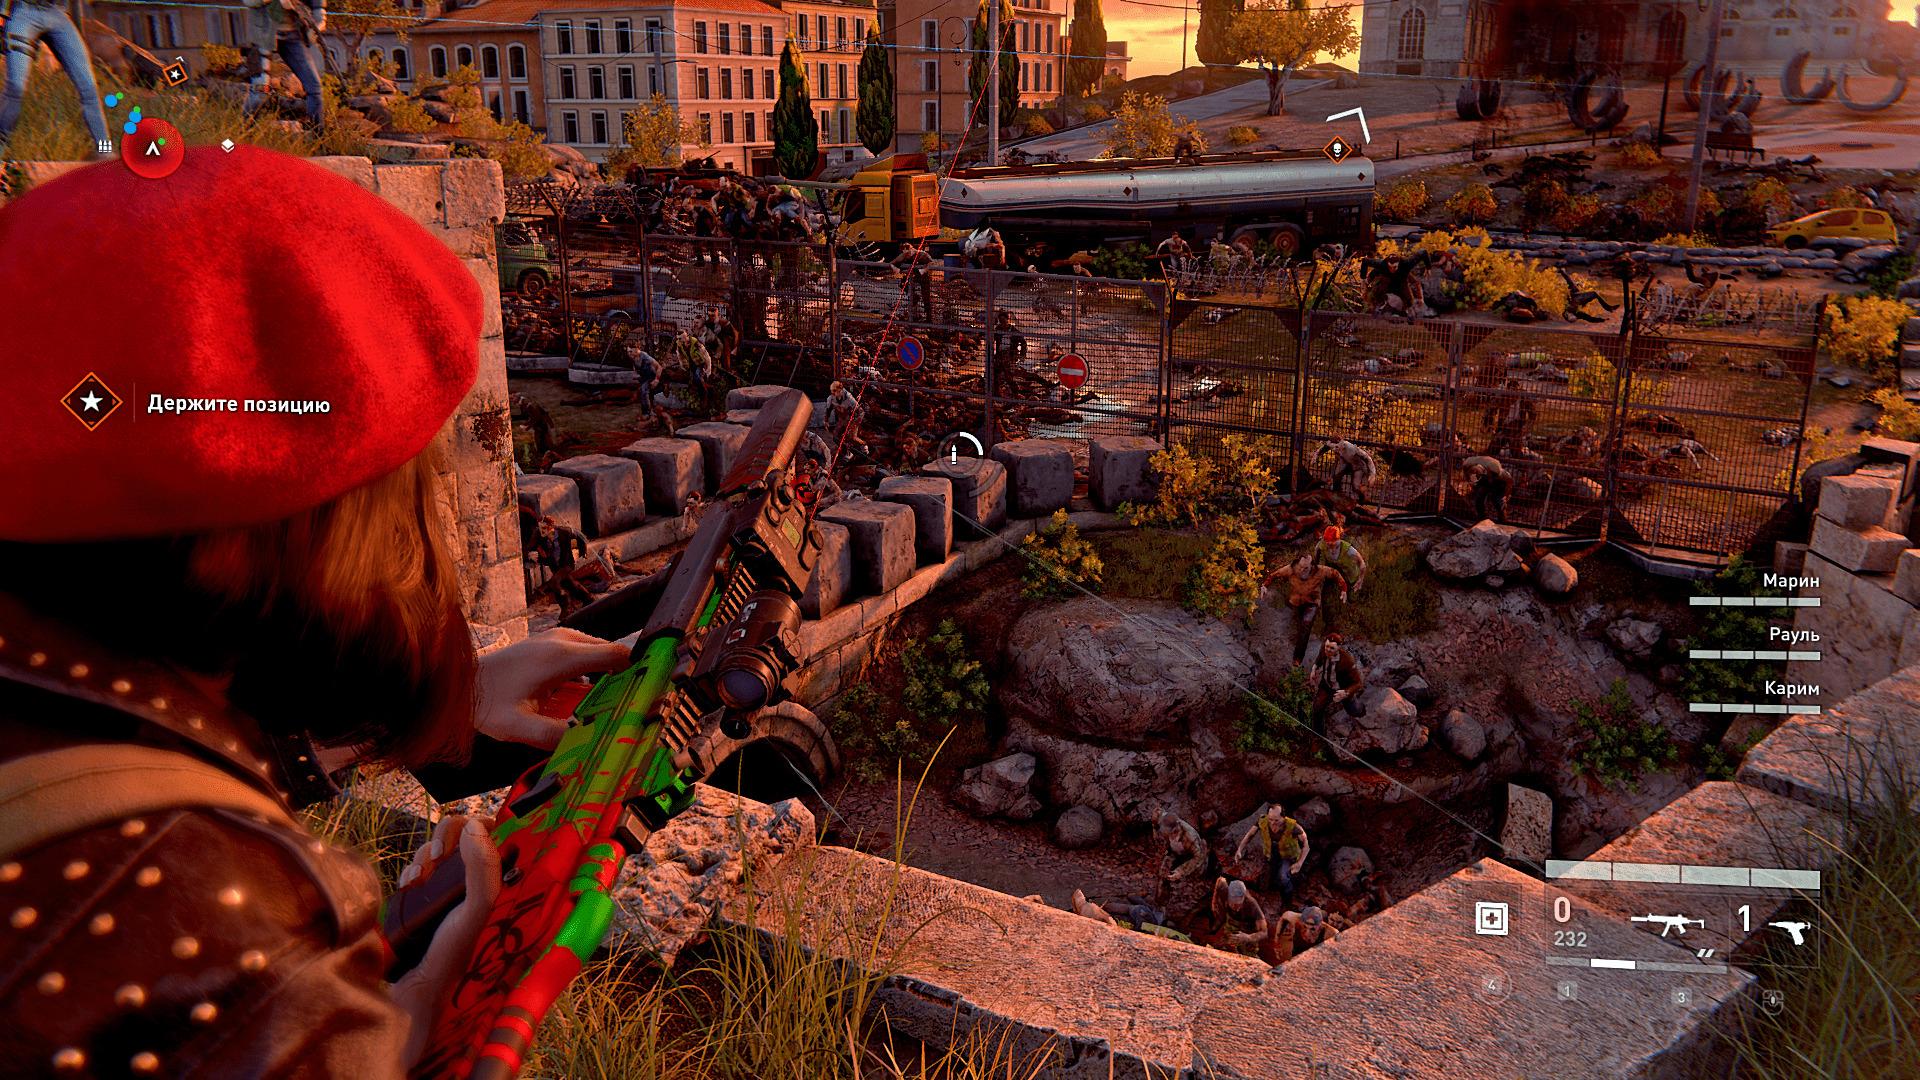 Обзор World War Z - достойный конкурент Left 4 Dead и Zombie Army